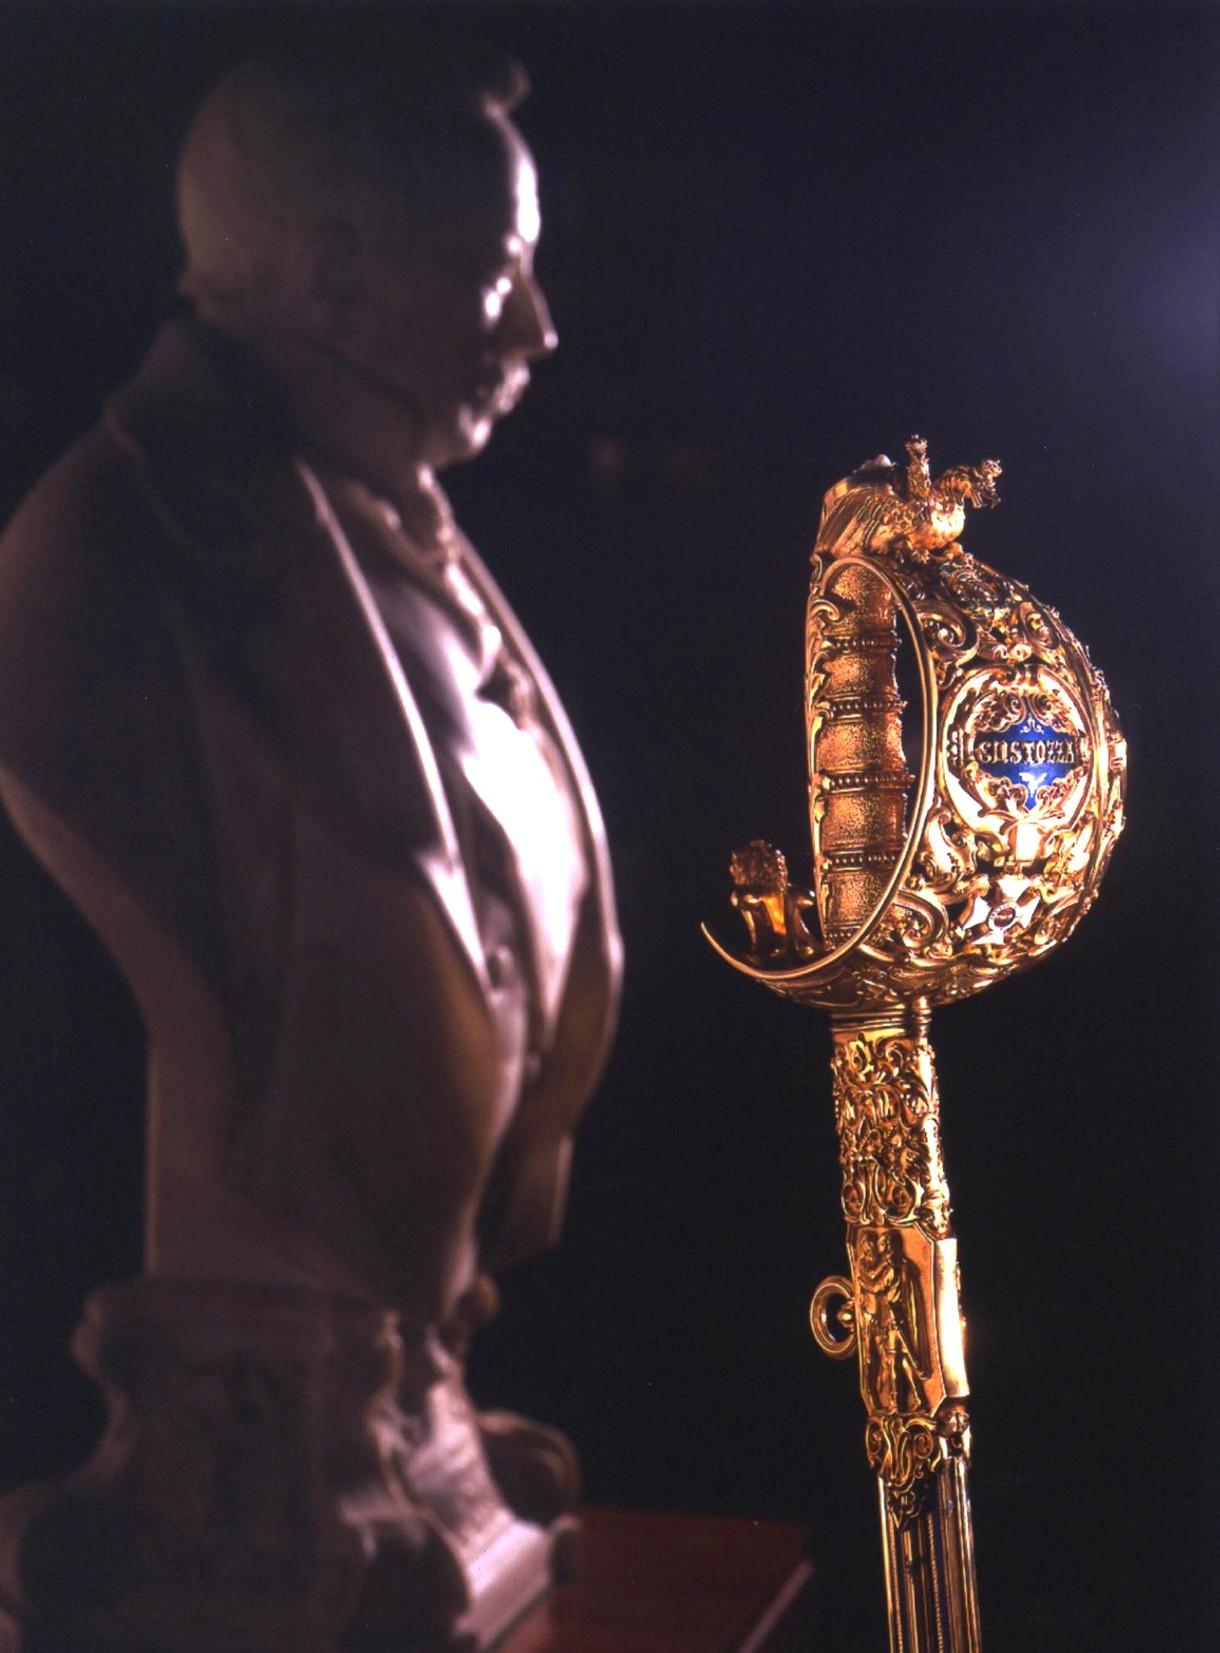 Kunstvoll verzierter Goldgriff eines Schwertes, dahinter eine Männerbüste im Profil.